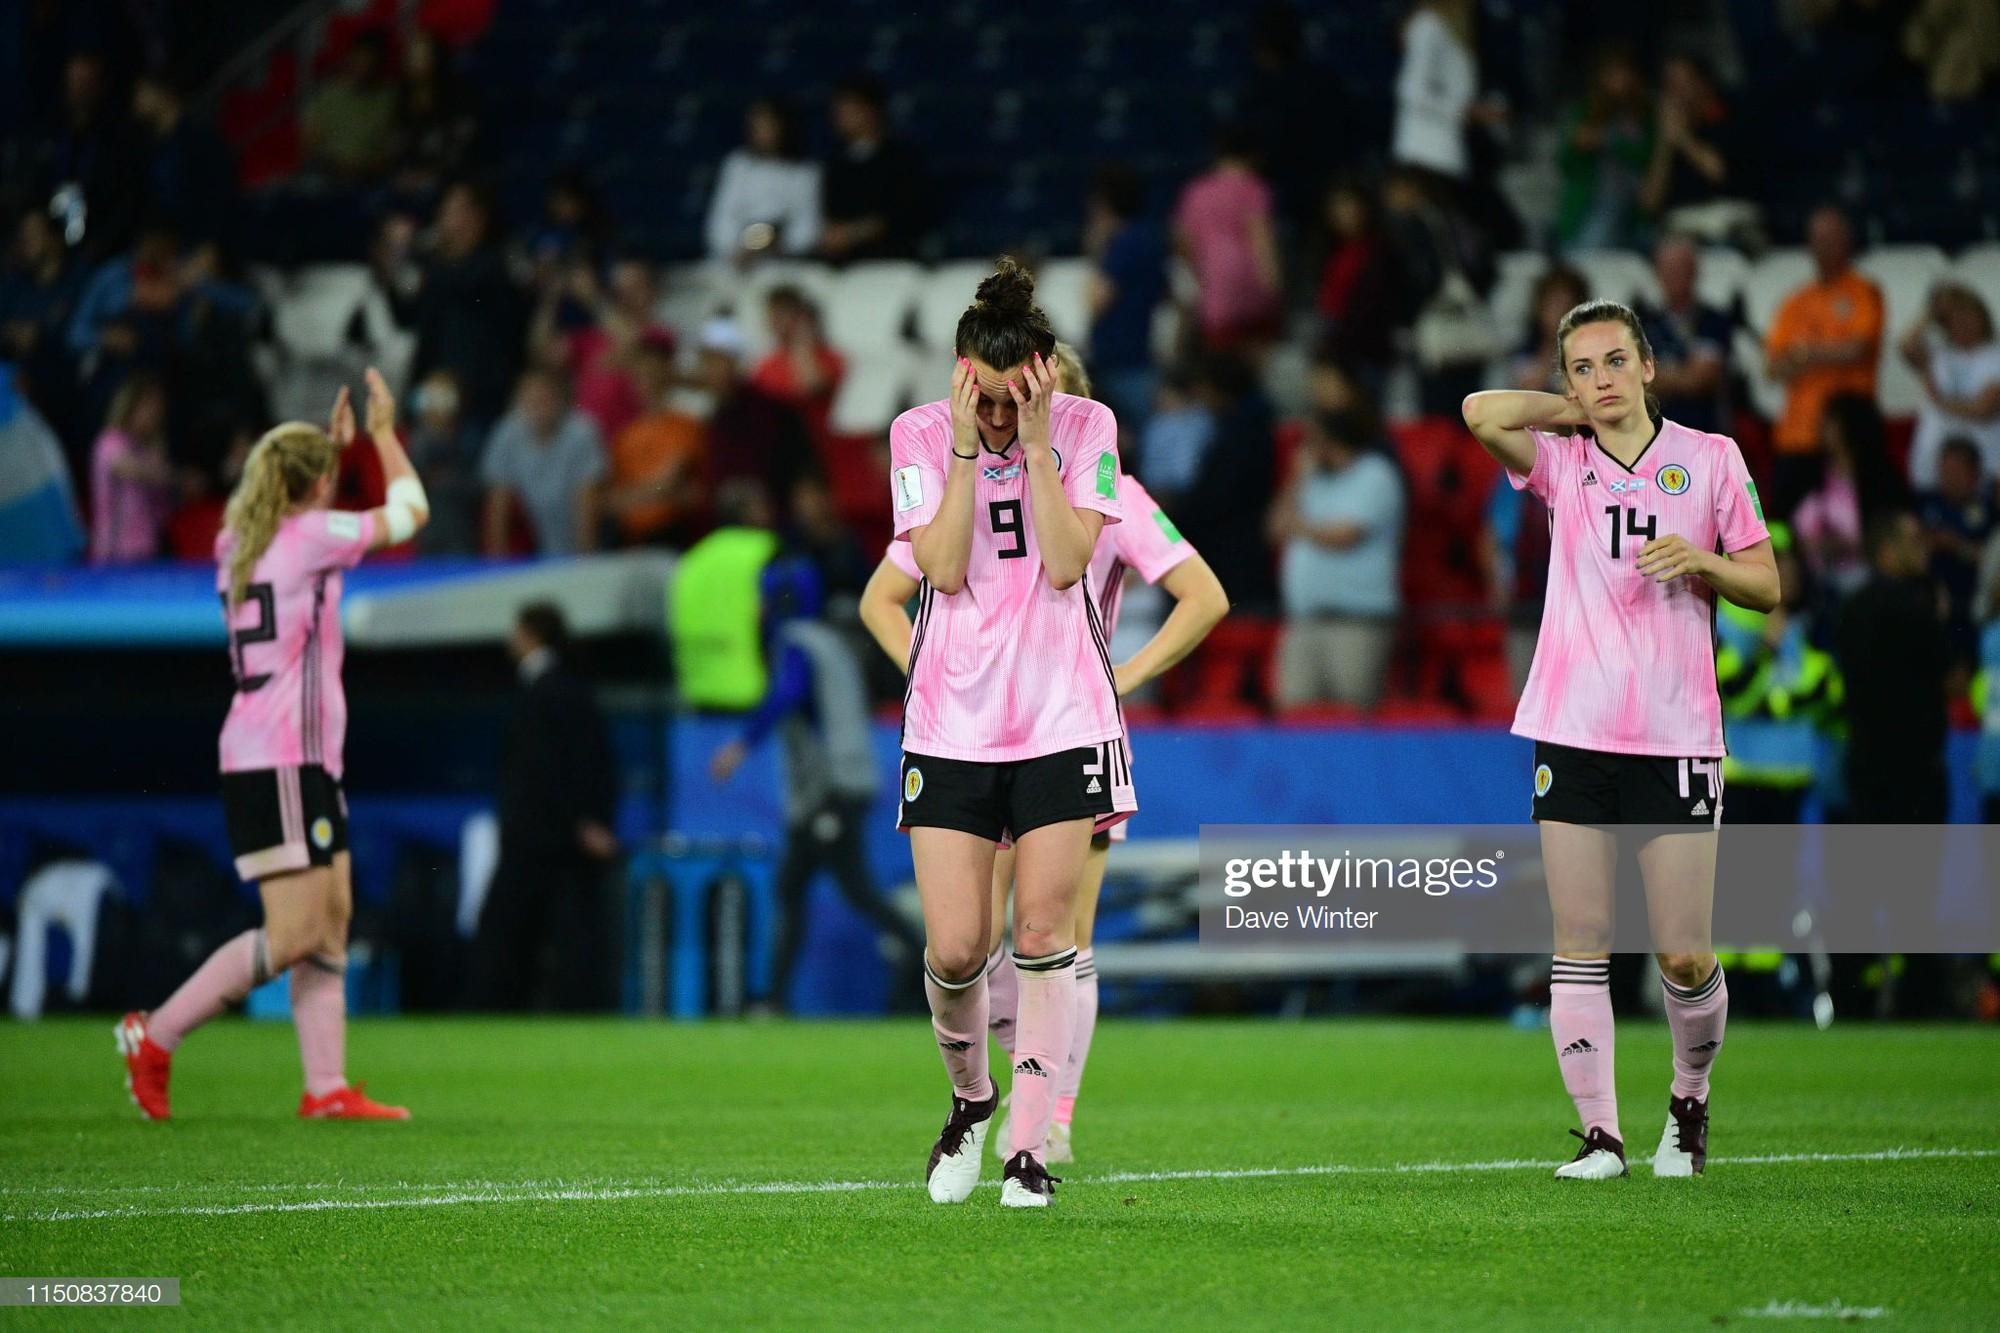 Dẫn trước 3 bàn nhưng bị gỡ hòa trong vỏn vẹn 20 phút, tuyển nữ Scotland bật khóc nức nở khi bị loại khỏi World Cup nữ 2019 - Ảnh 2.